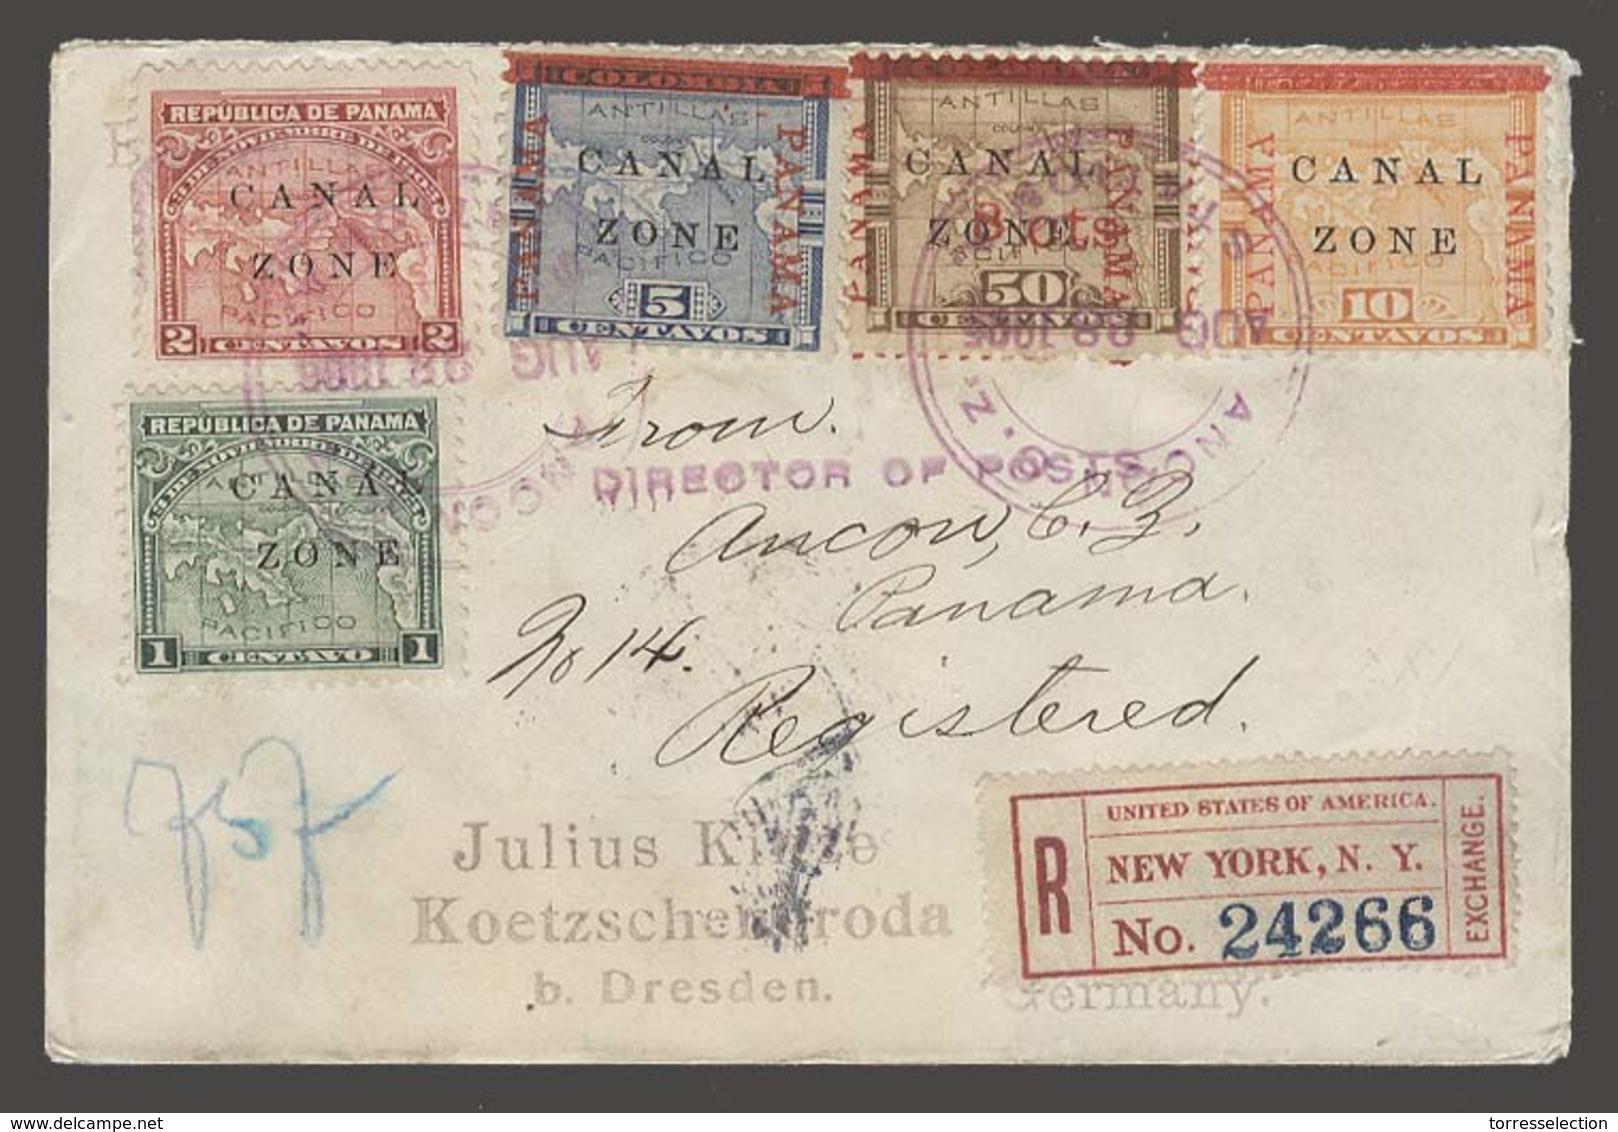 PANAMA. 1905 (28 Aug). Canalzone. Ancona - Germany (20 Sept). Reg Pentafkd Mixed Issues. Fine. Via NY. - Panama